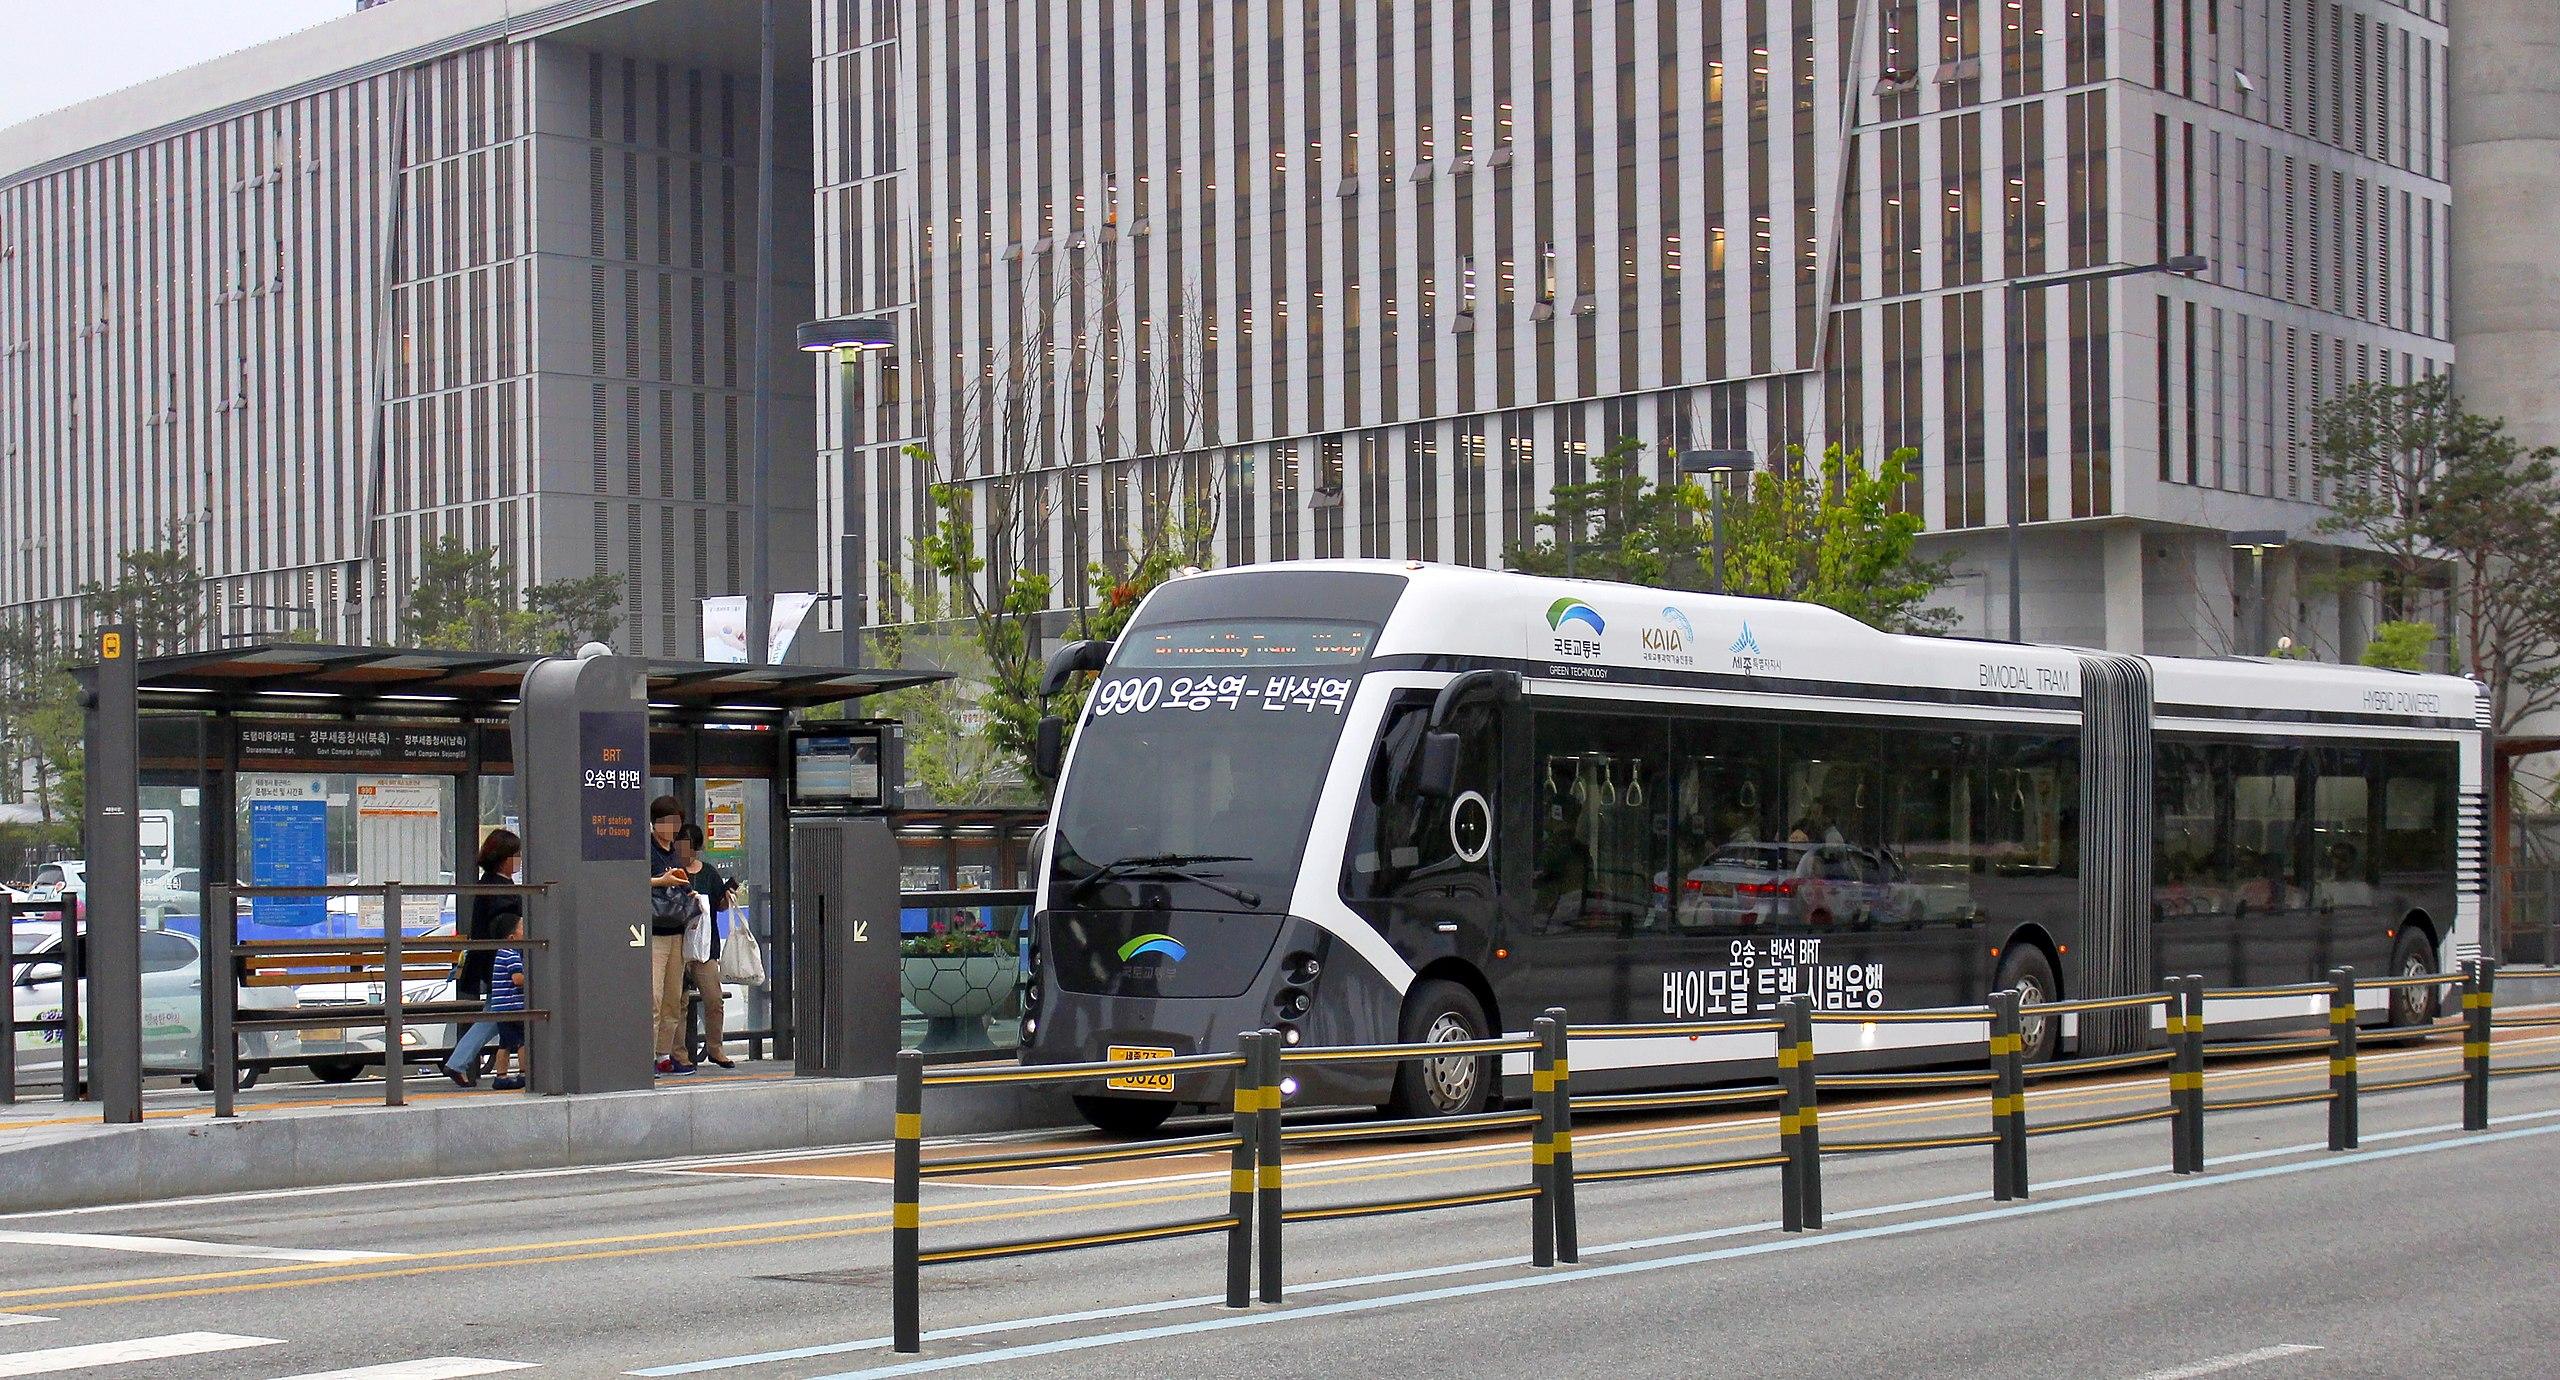 창원 시내버스...일부 공영제로 바꾸자 !